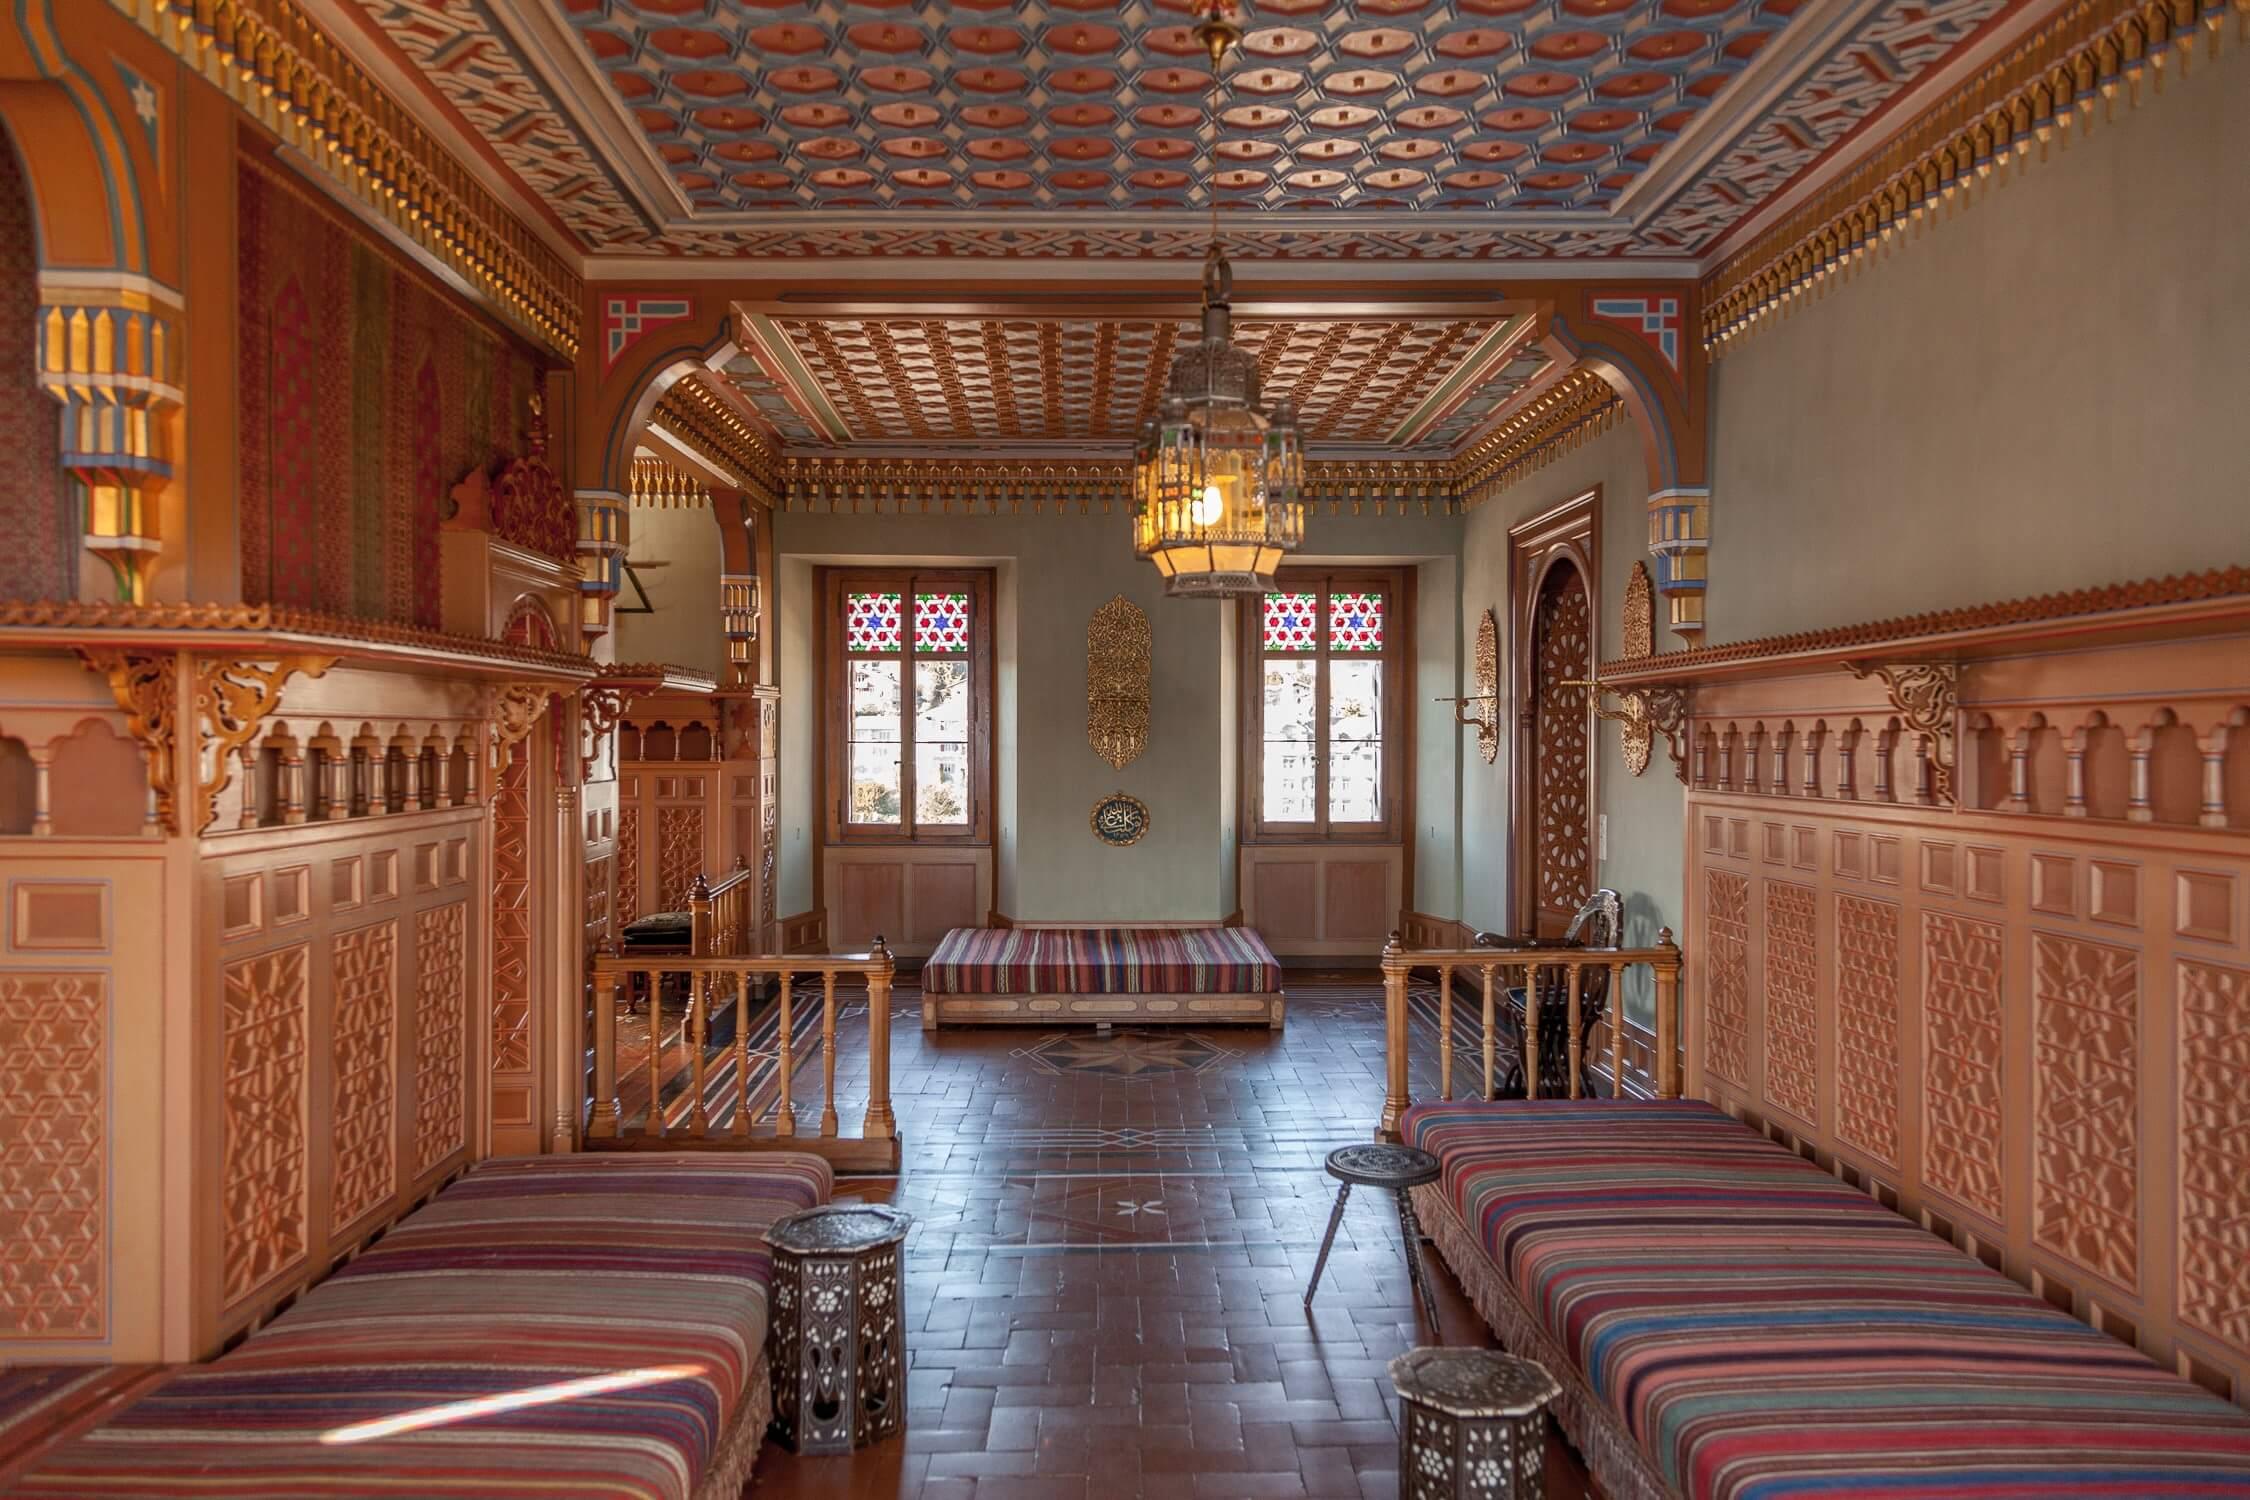 oberhofen-schloss-museum-orientalischer-rauchsalon